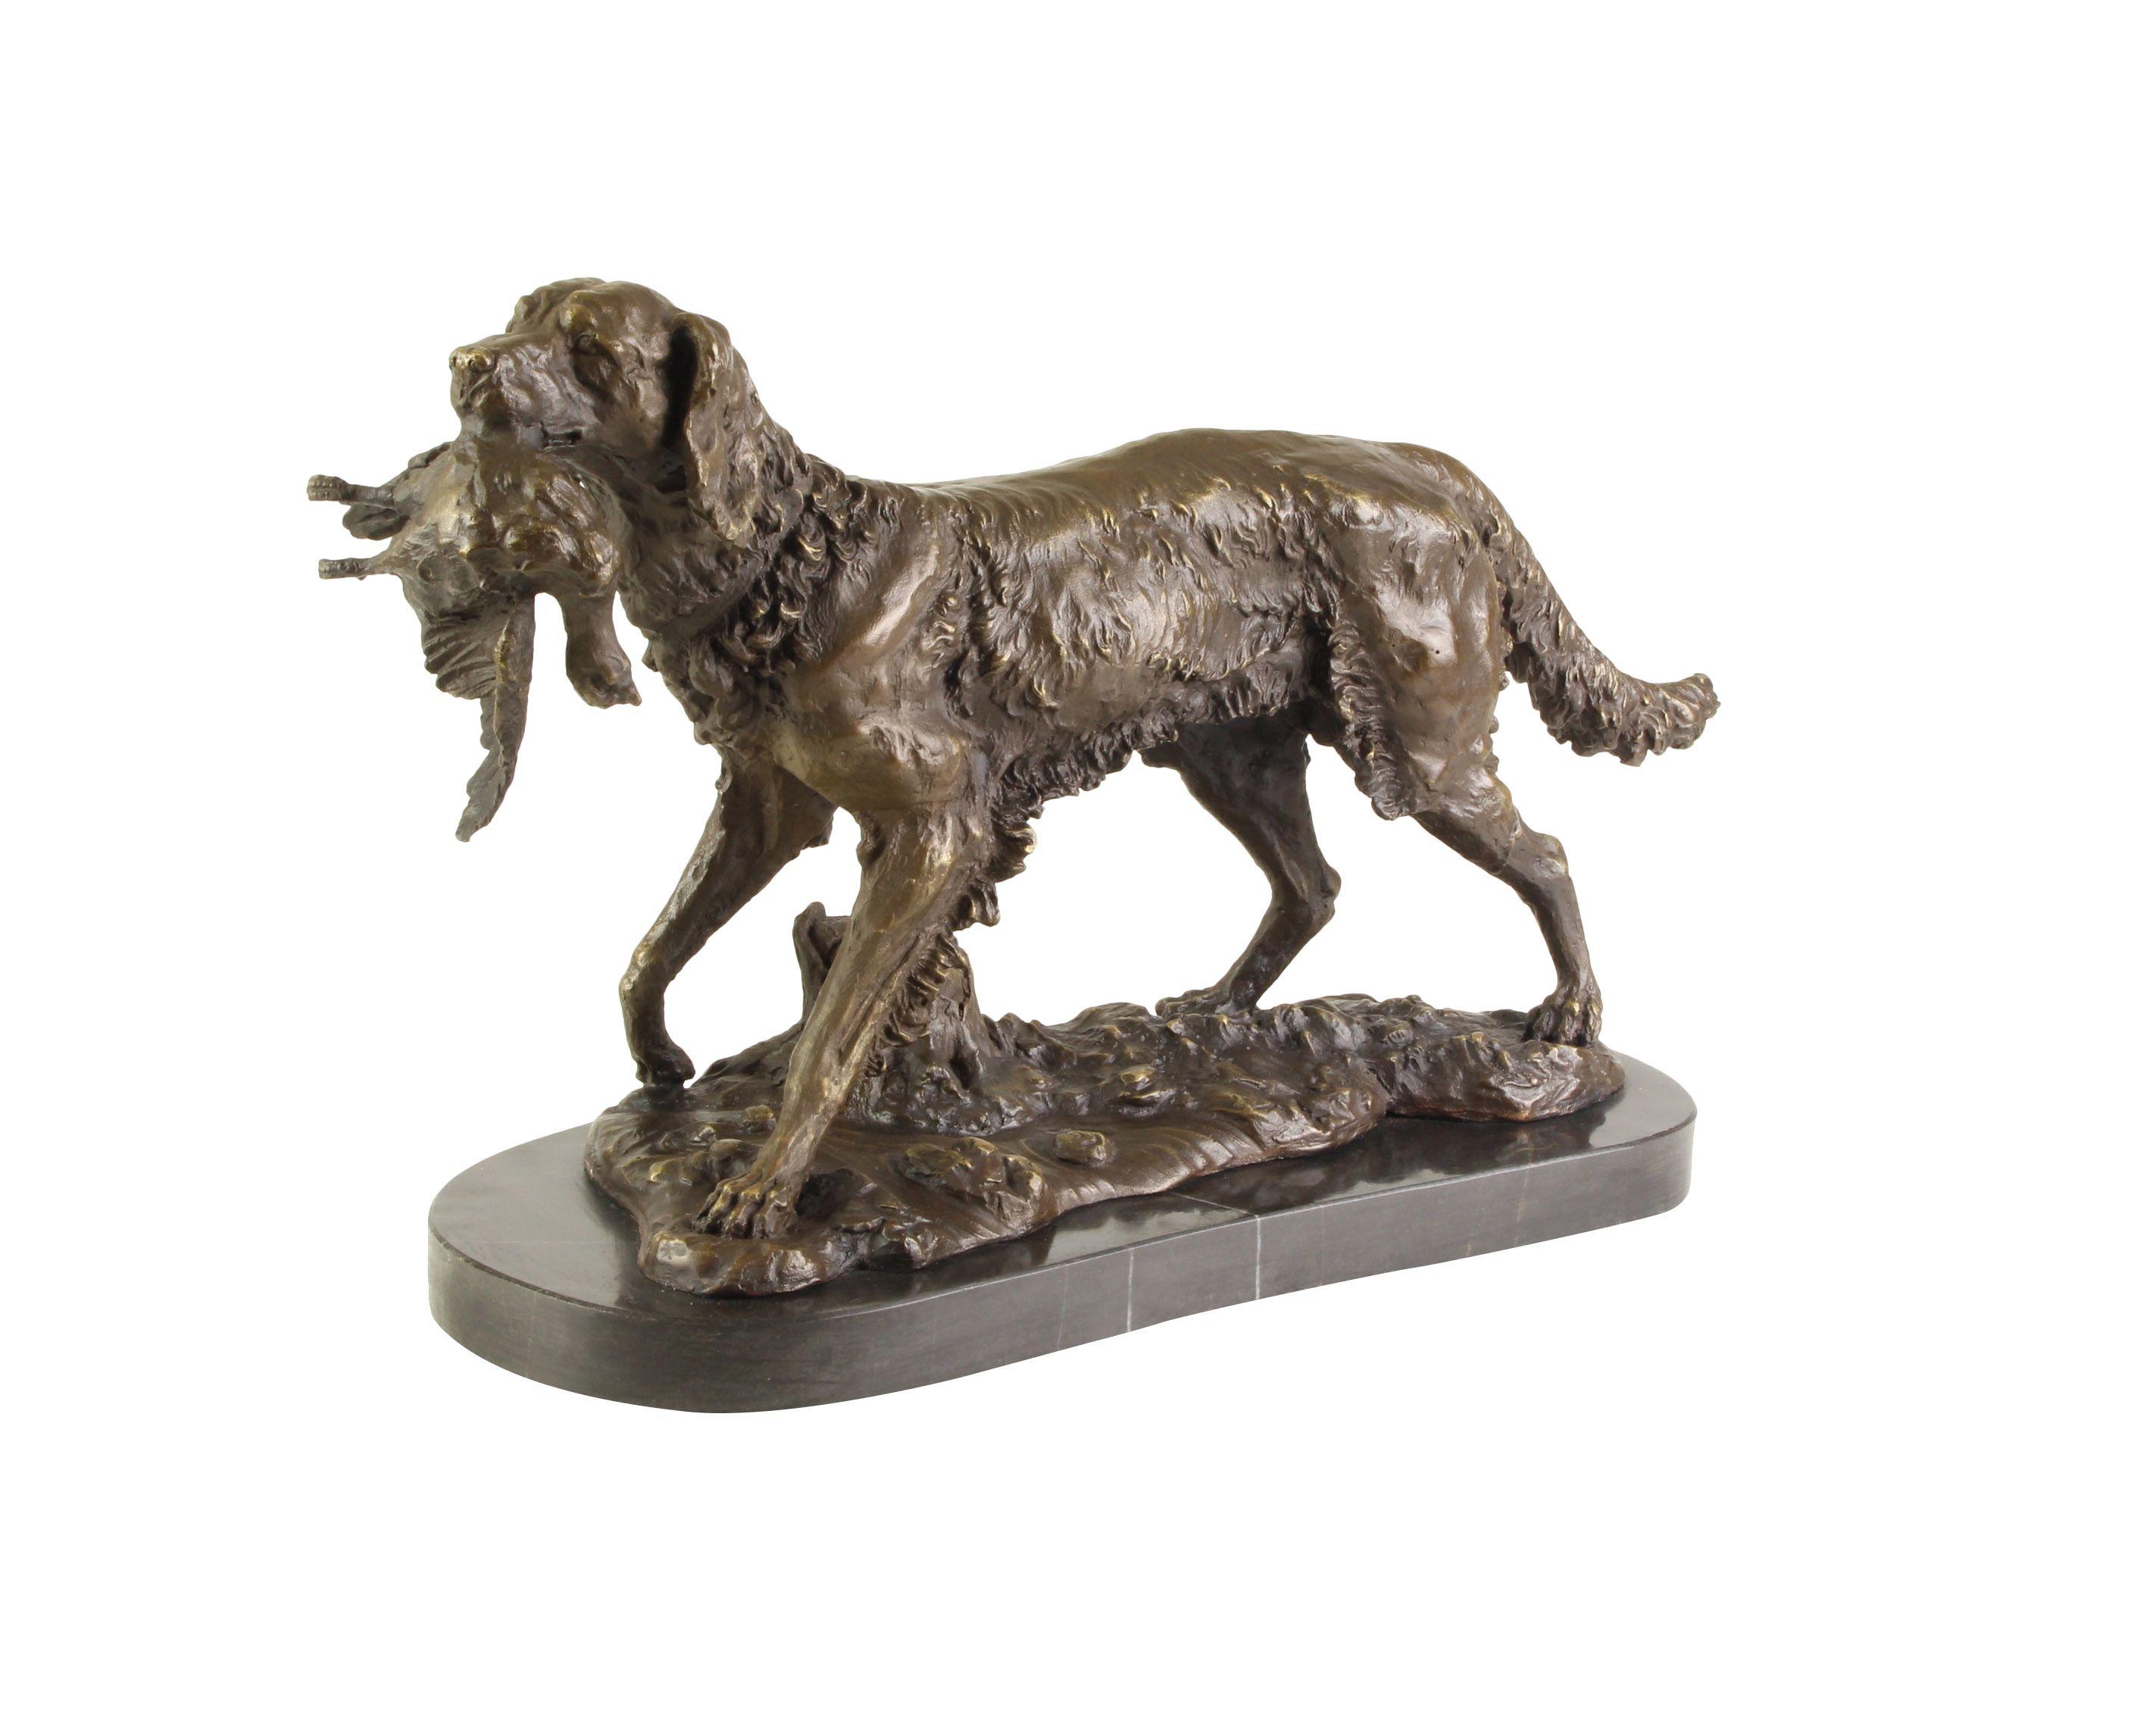 Bronzeskulptur Jäger Jagdhund Bronze Jagd Hund Figur Skulptur Antik-Stil